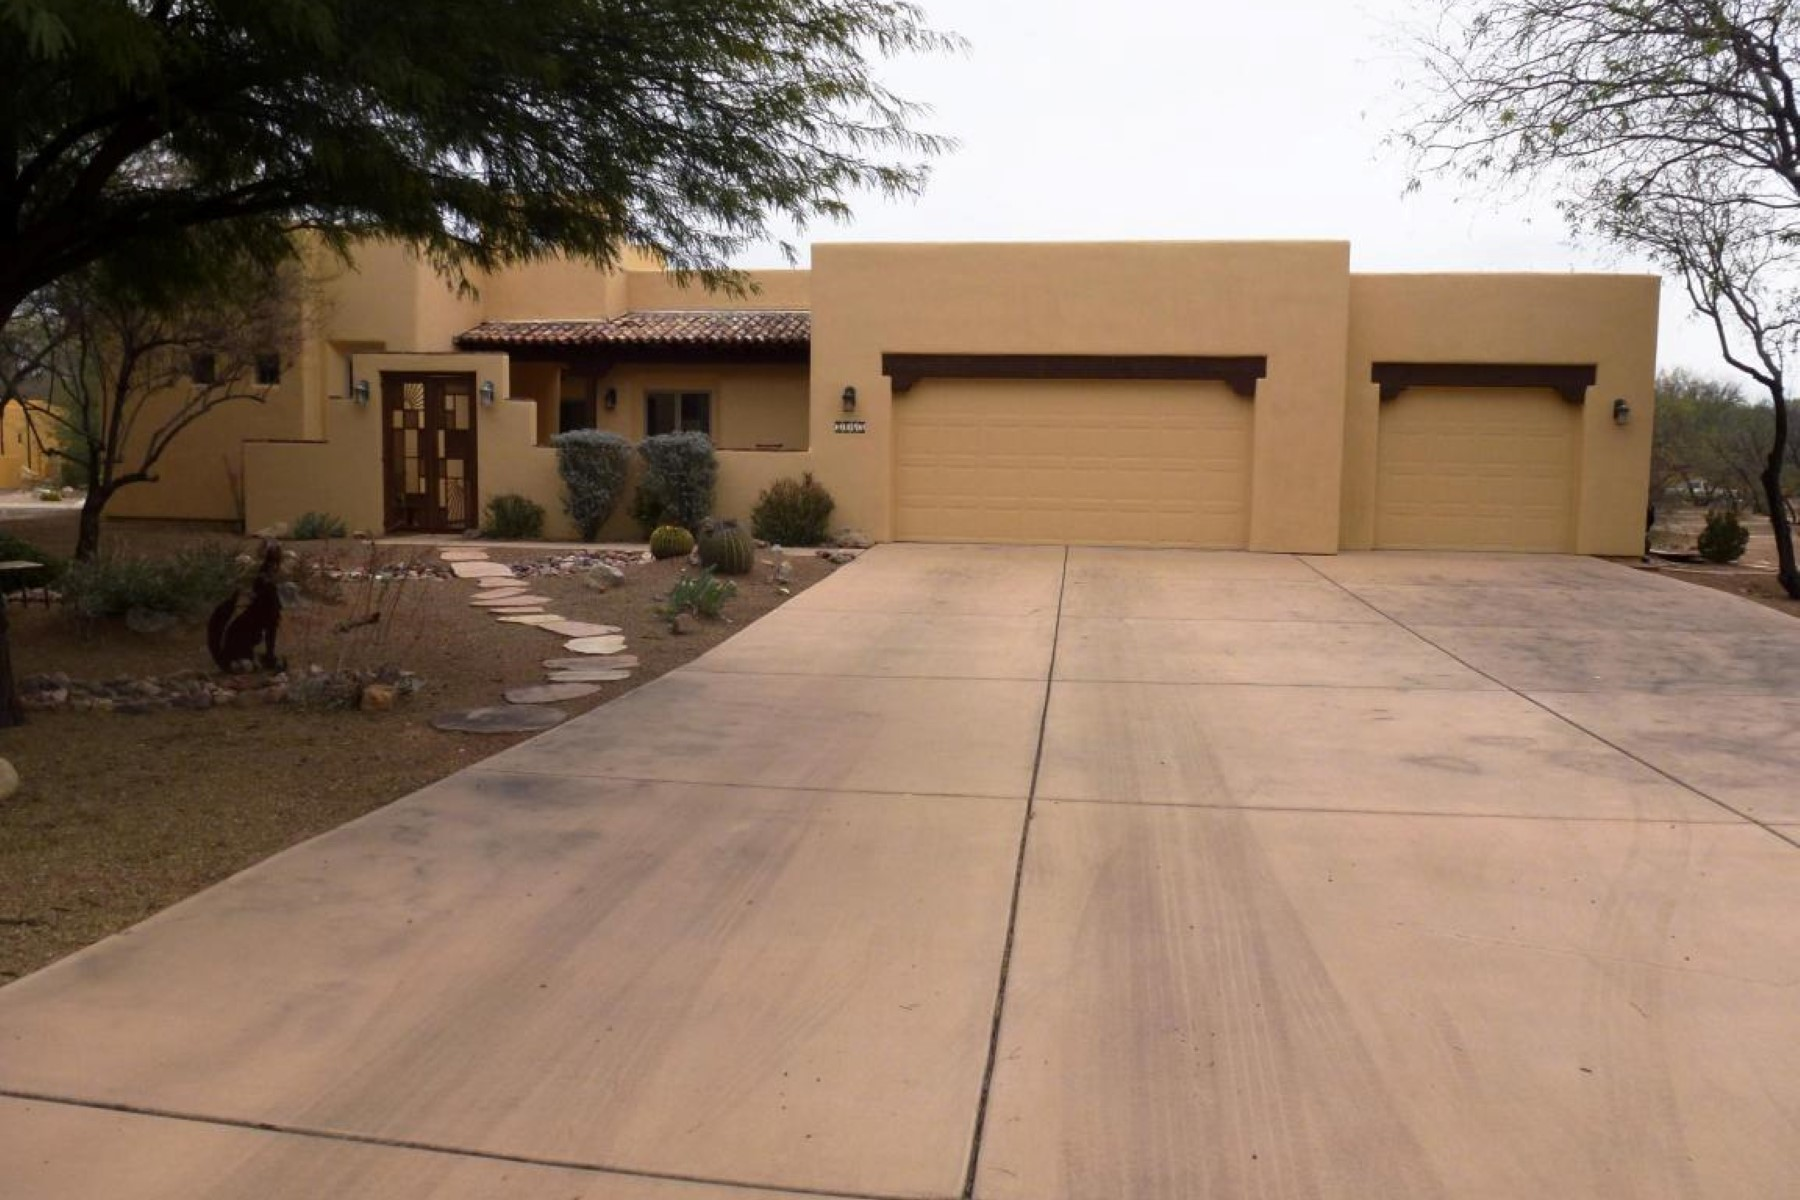 Single Family Home for Sale at Beautiful Dorn Hacienda 2163 Corte Bautista Tubac, Arizona, 85646 United States